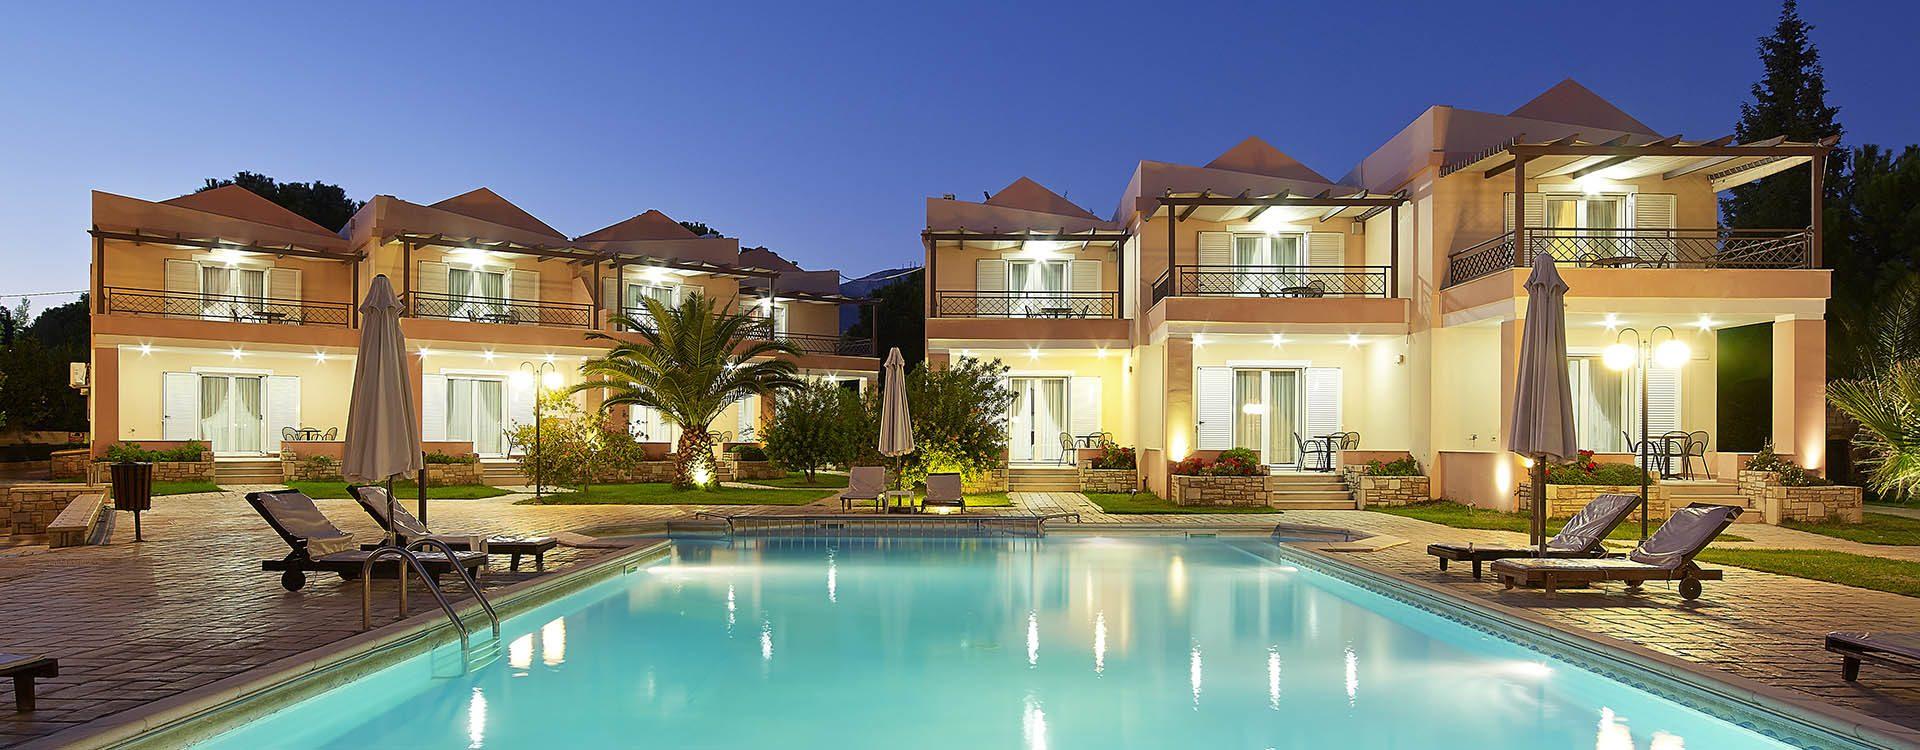 eretria hotels | Avantis Suites Hotel